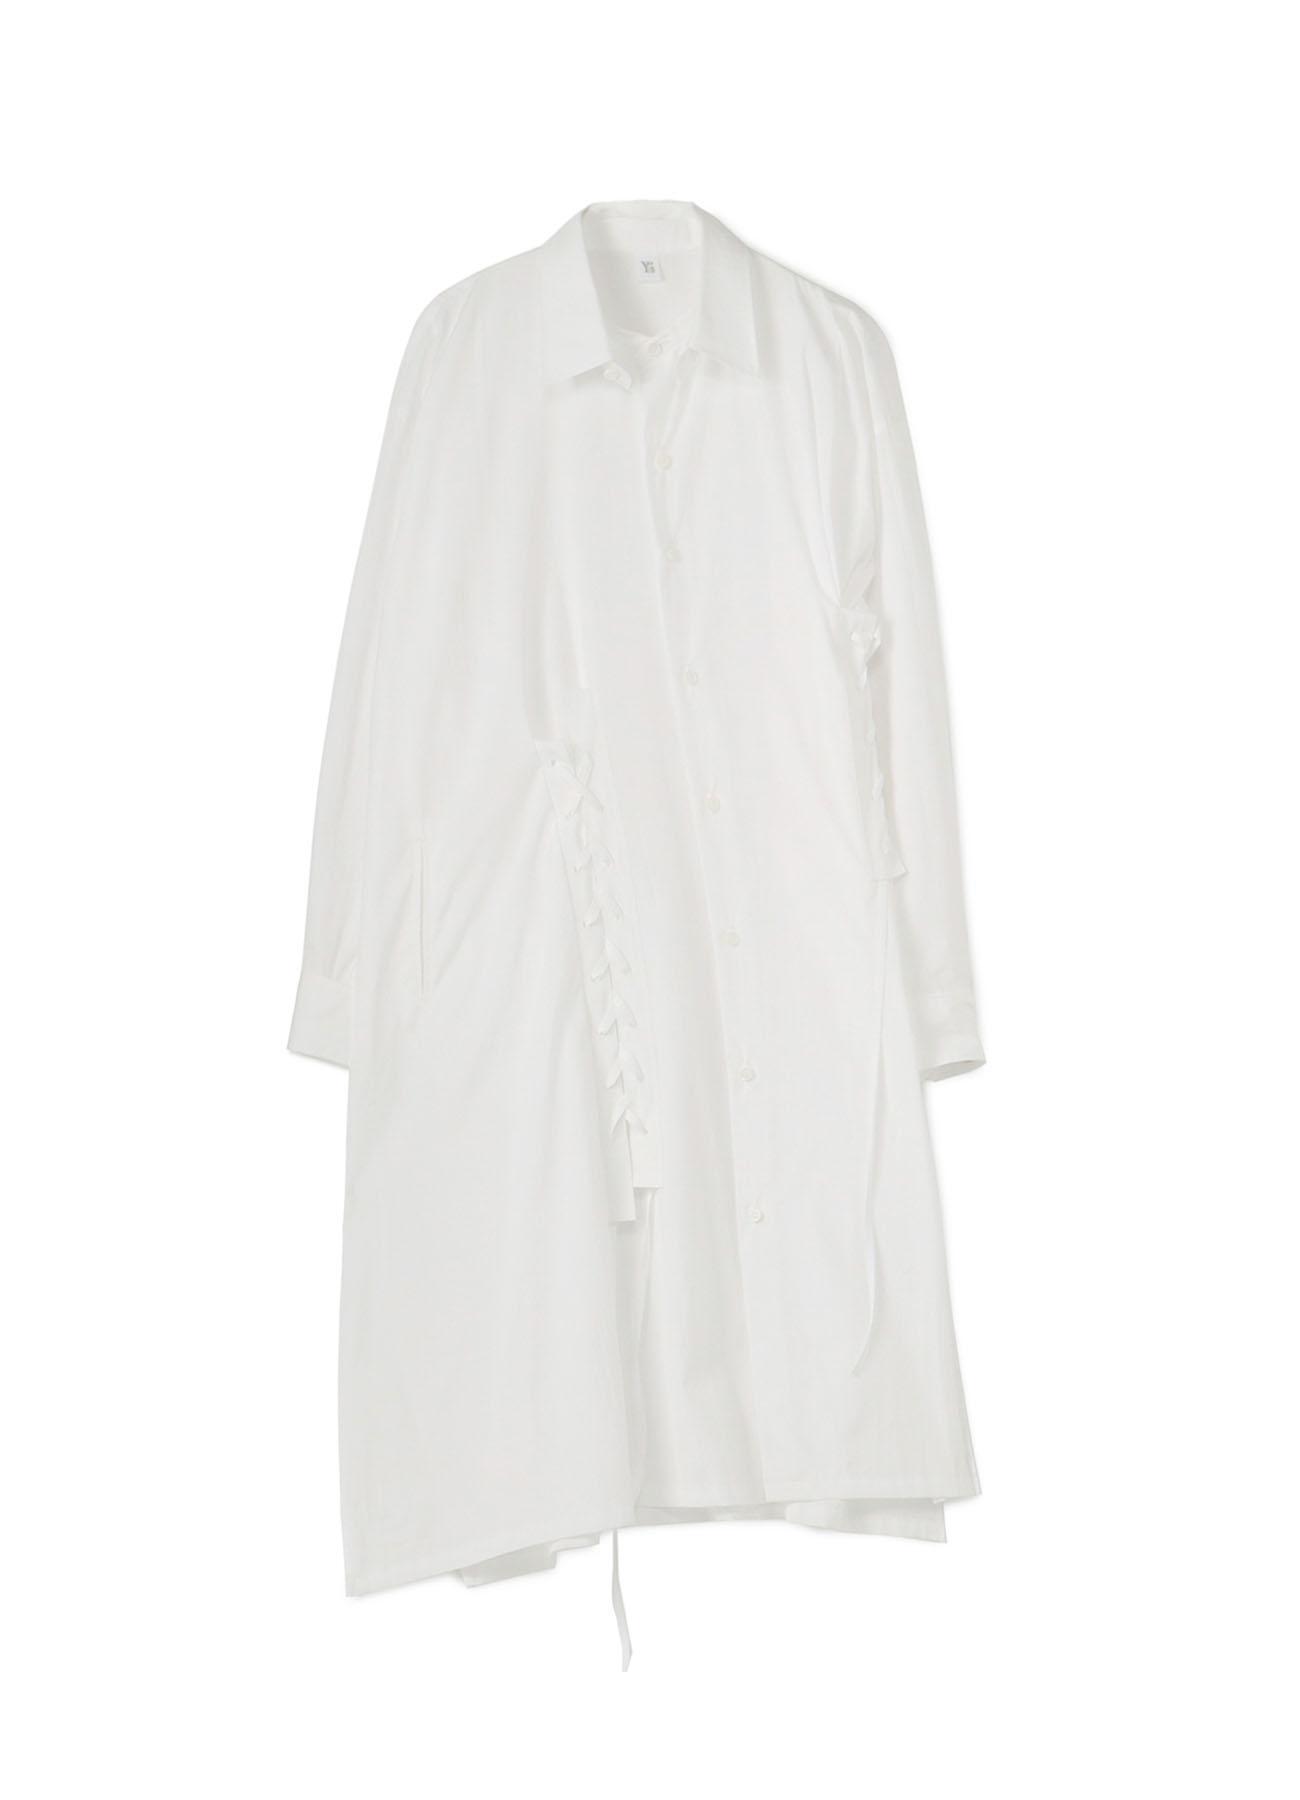 BROAD LACE UP SHIRT DRESS